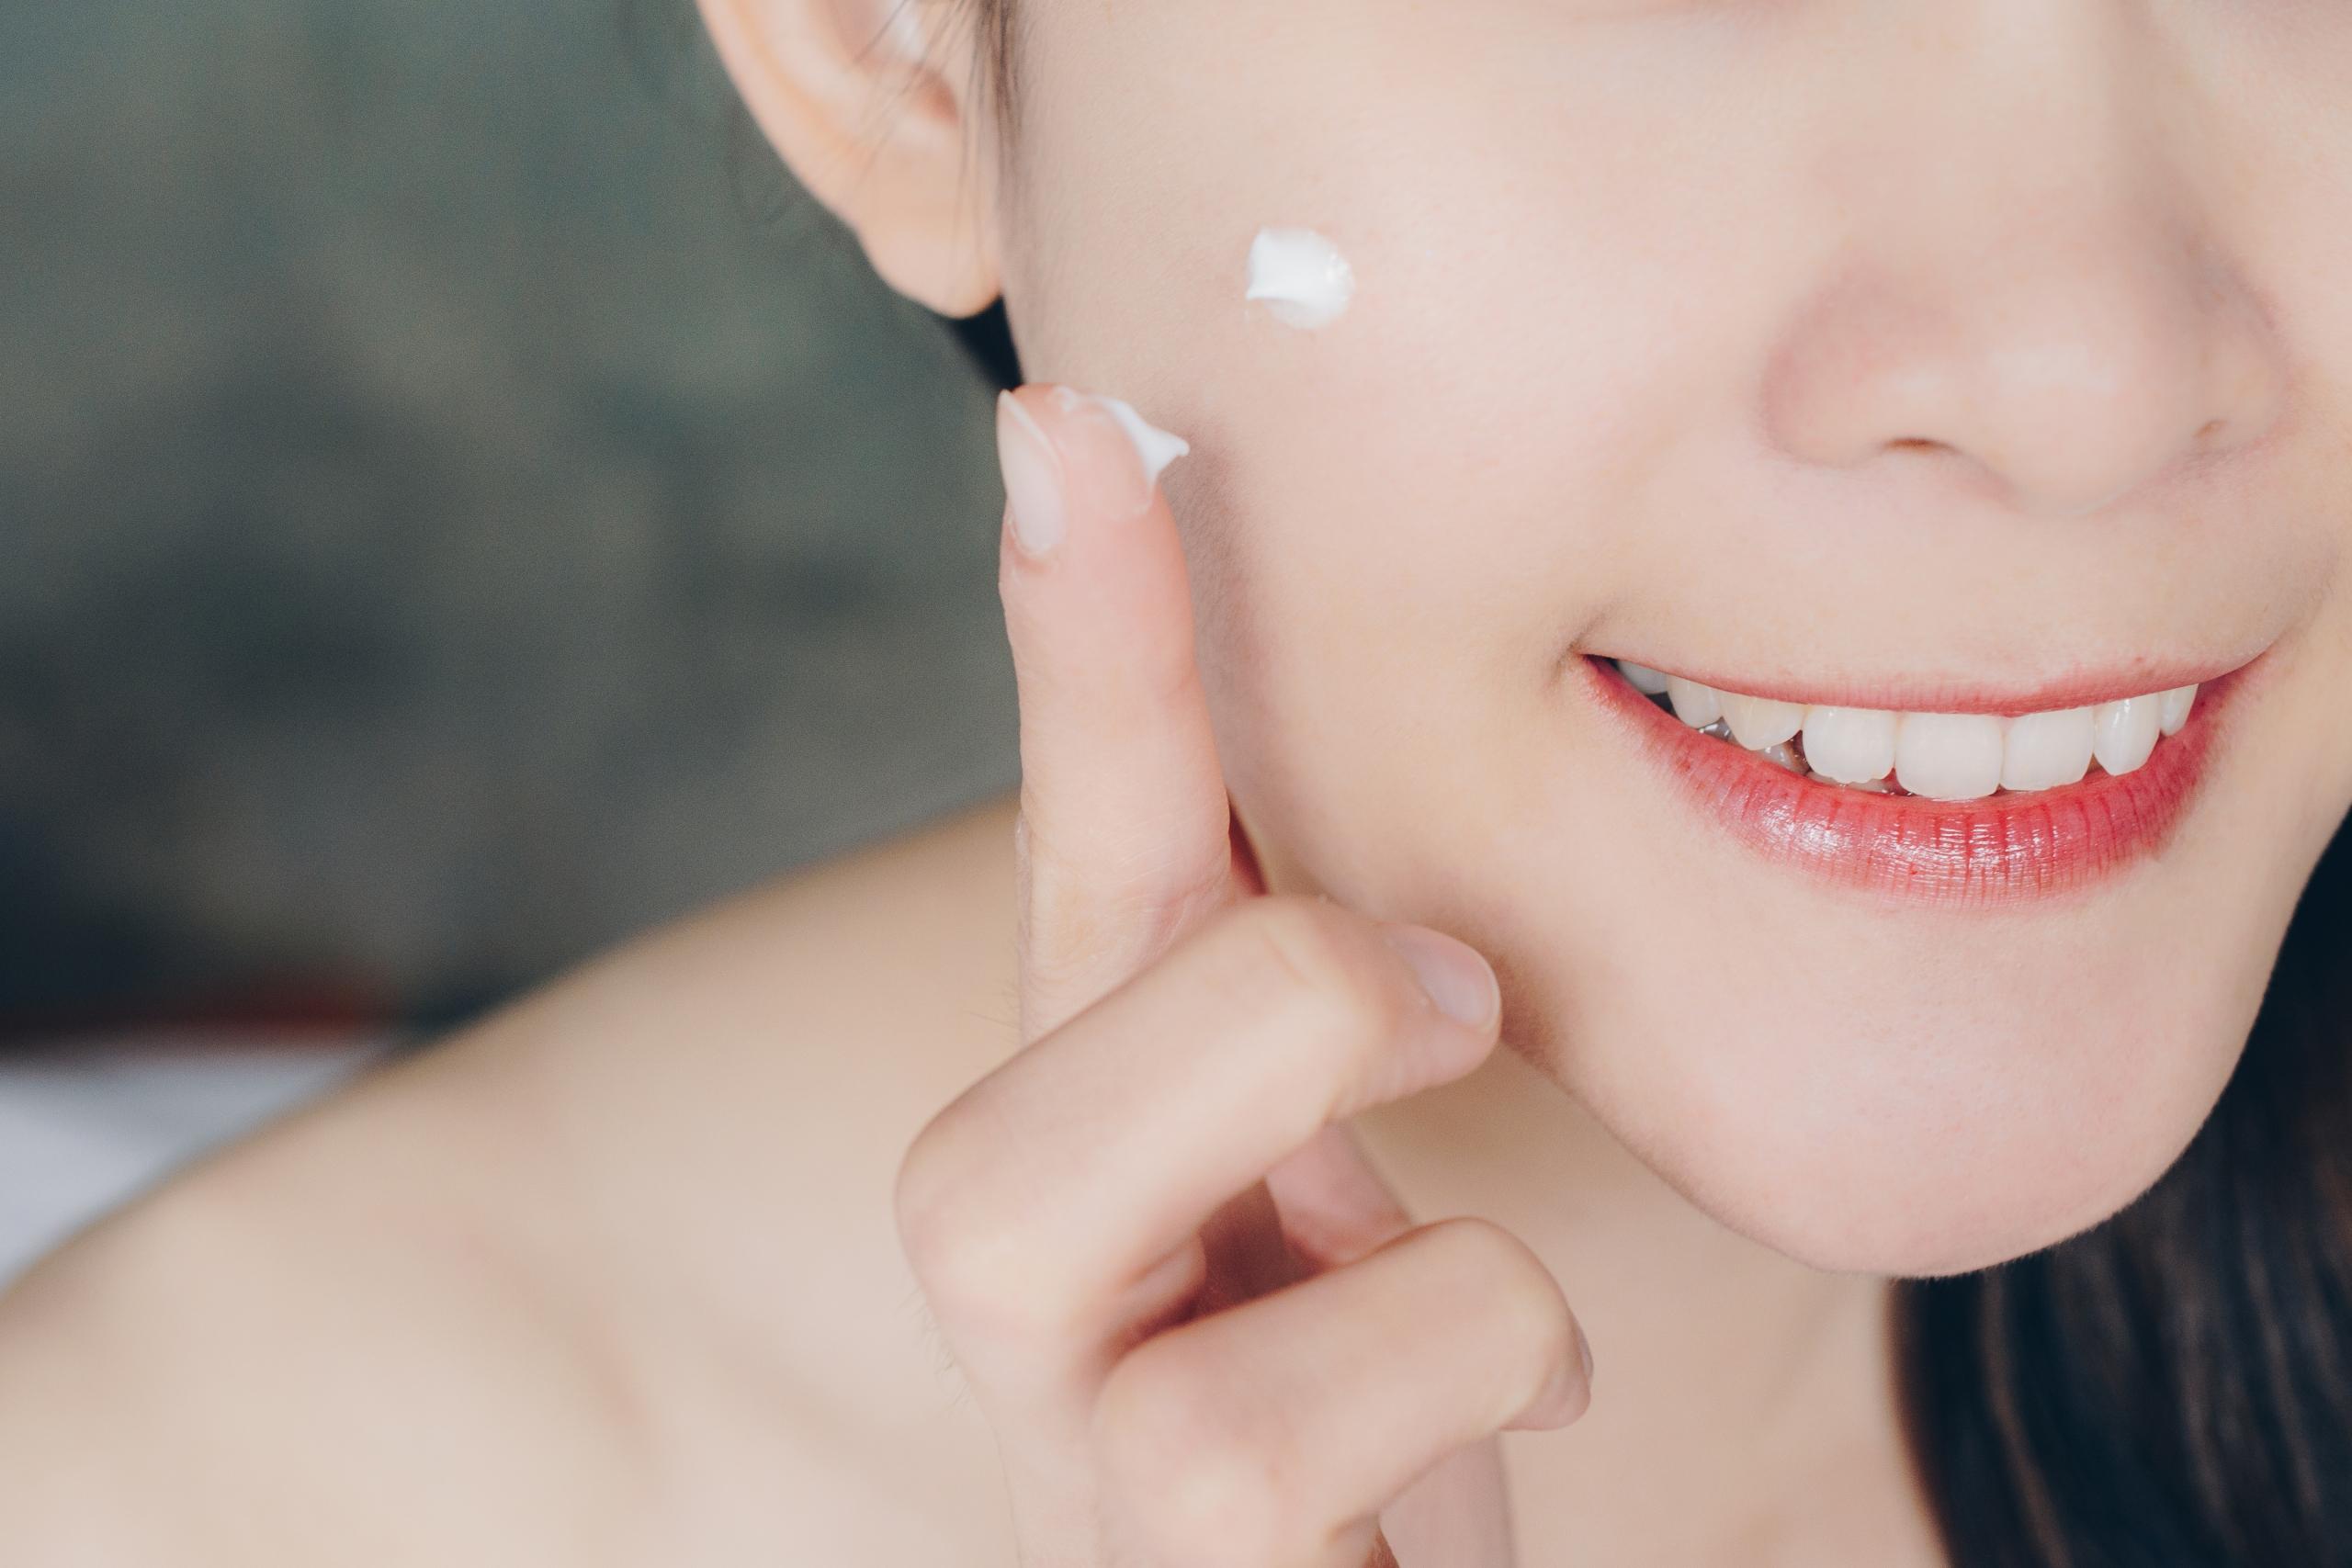 cbd oil for acne, cbd for acne